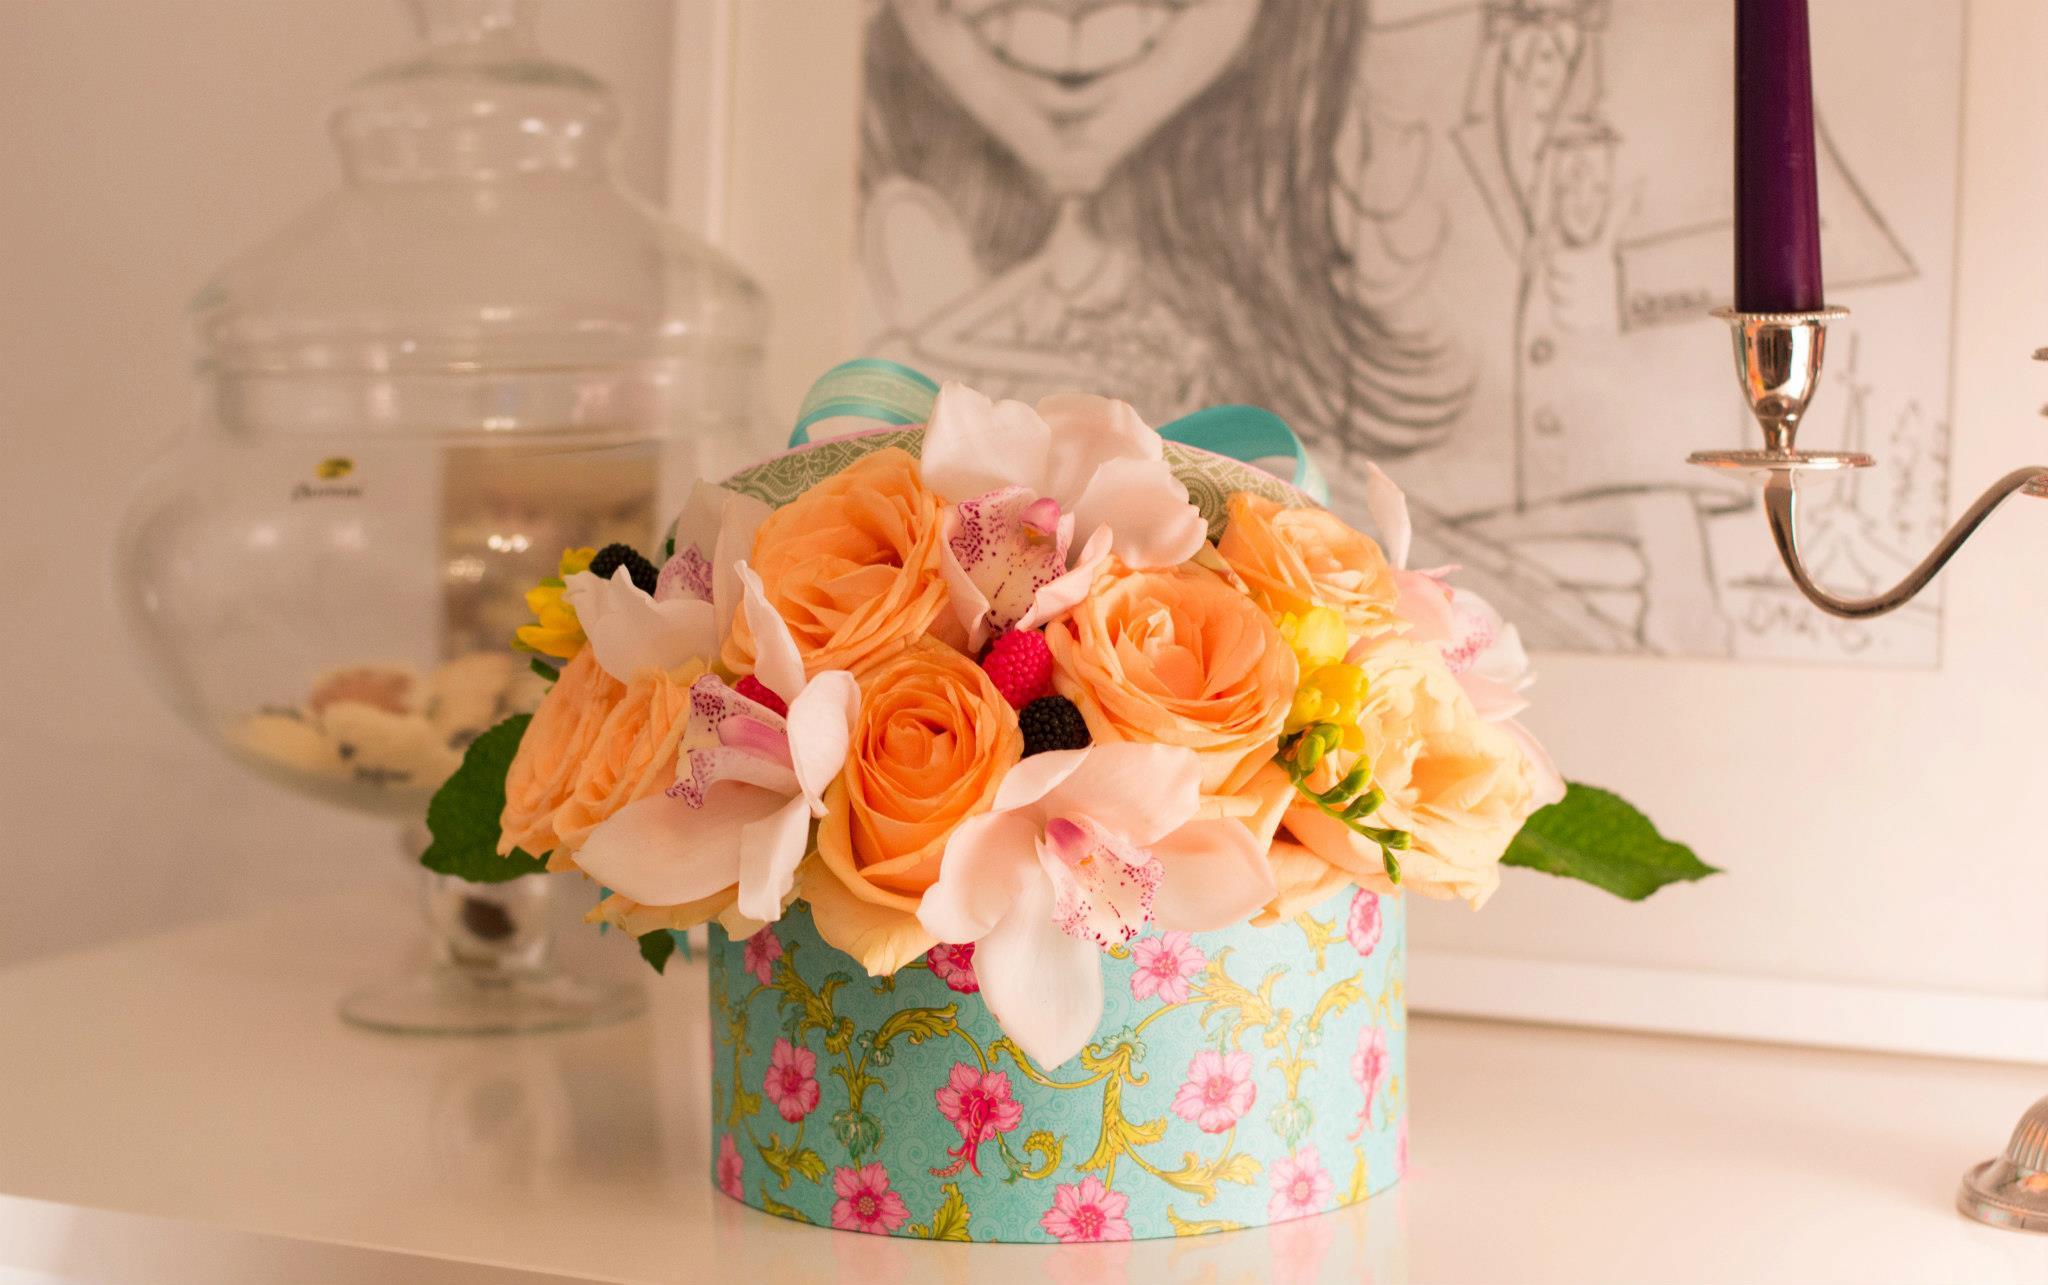 Propunere de aranjament floral de la Mood Giuvaere florale